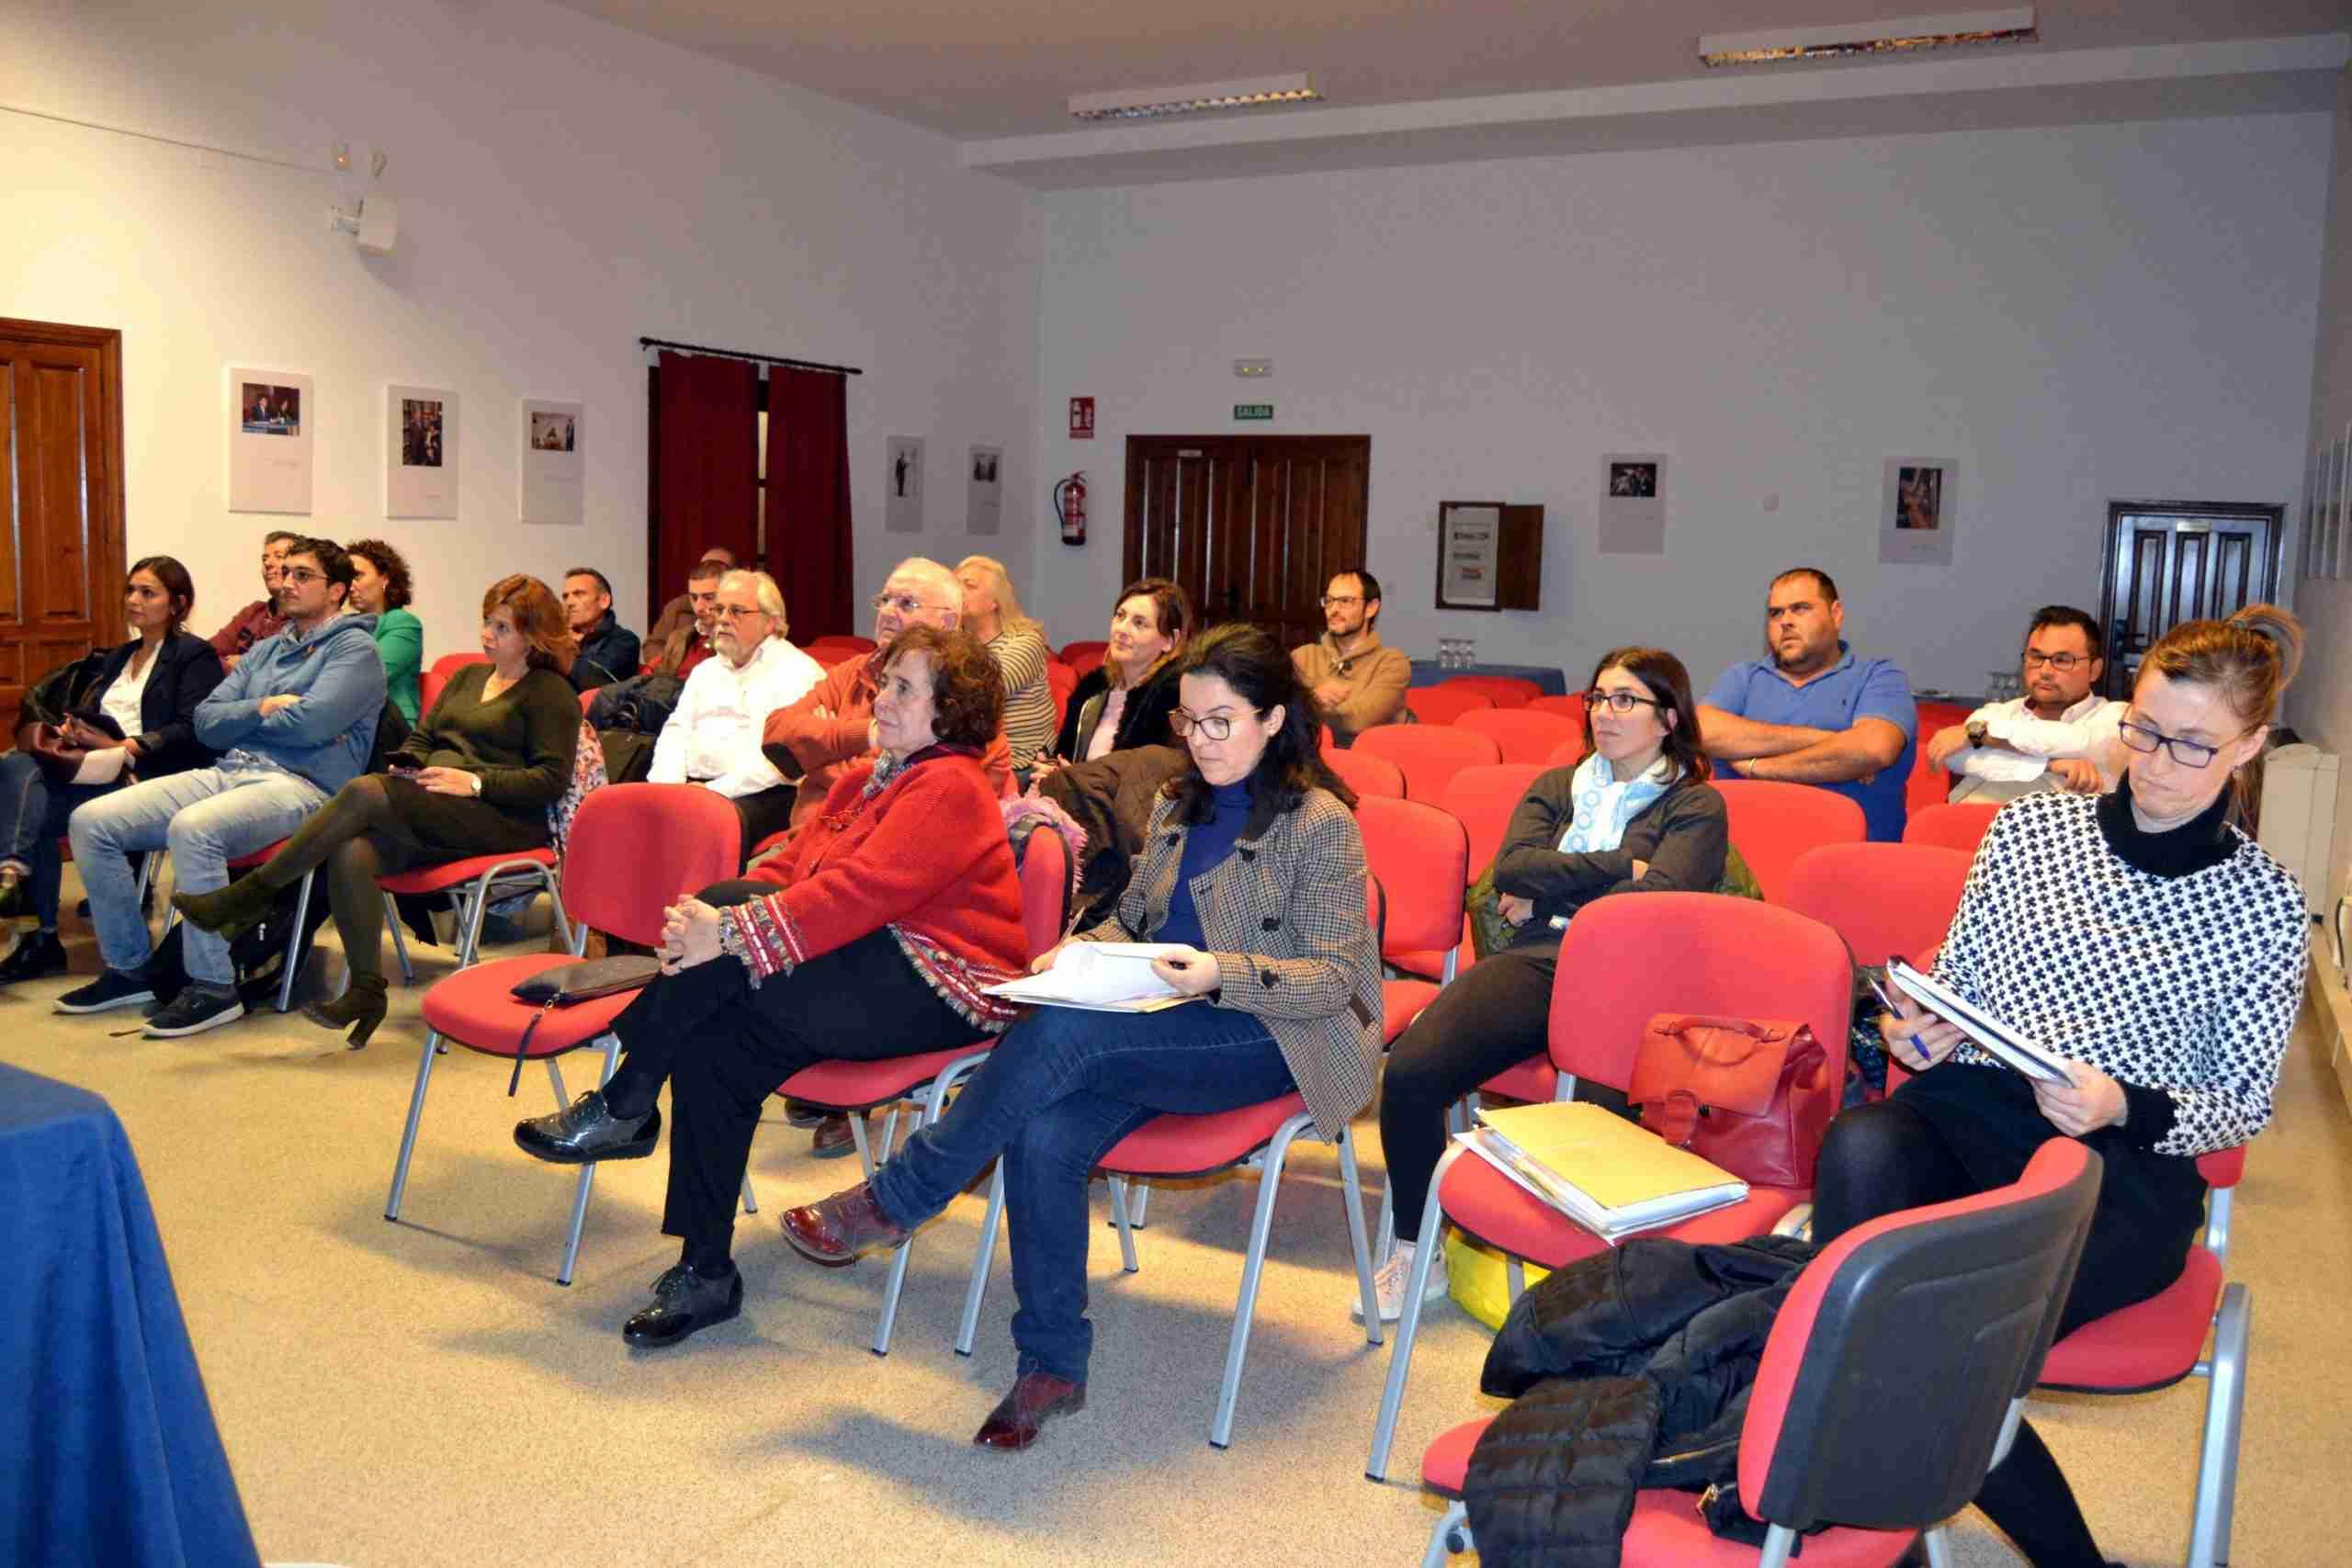 La Asamblea del Alto Guadiana Mancha hace balance de los proyectos tramitados y su estado de ejecución hasta la fecha 12